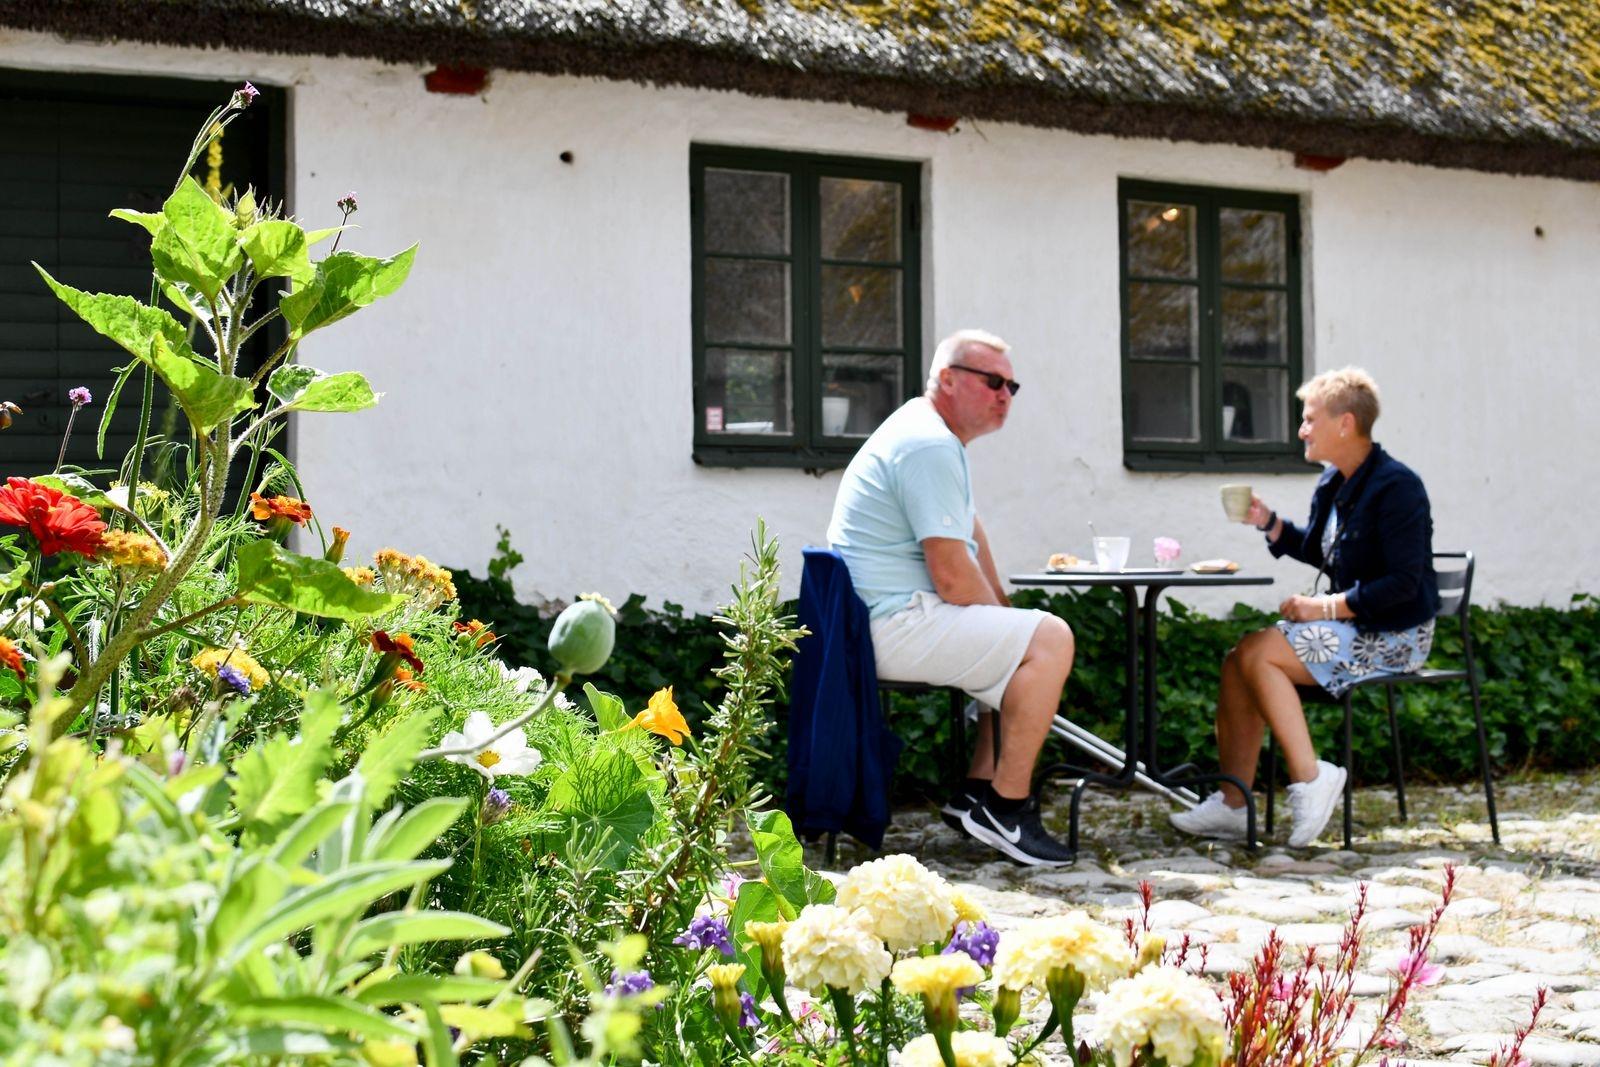 """Mats Ek och Carina Spethz har kommit från Småland för att semestra på Österlen. """"Det här var ett trevligt café med jättegoda bullar"""", konstaterar Carina."""